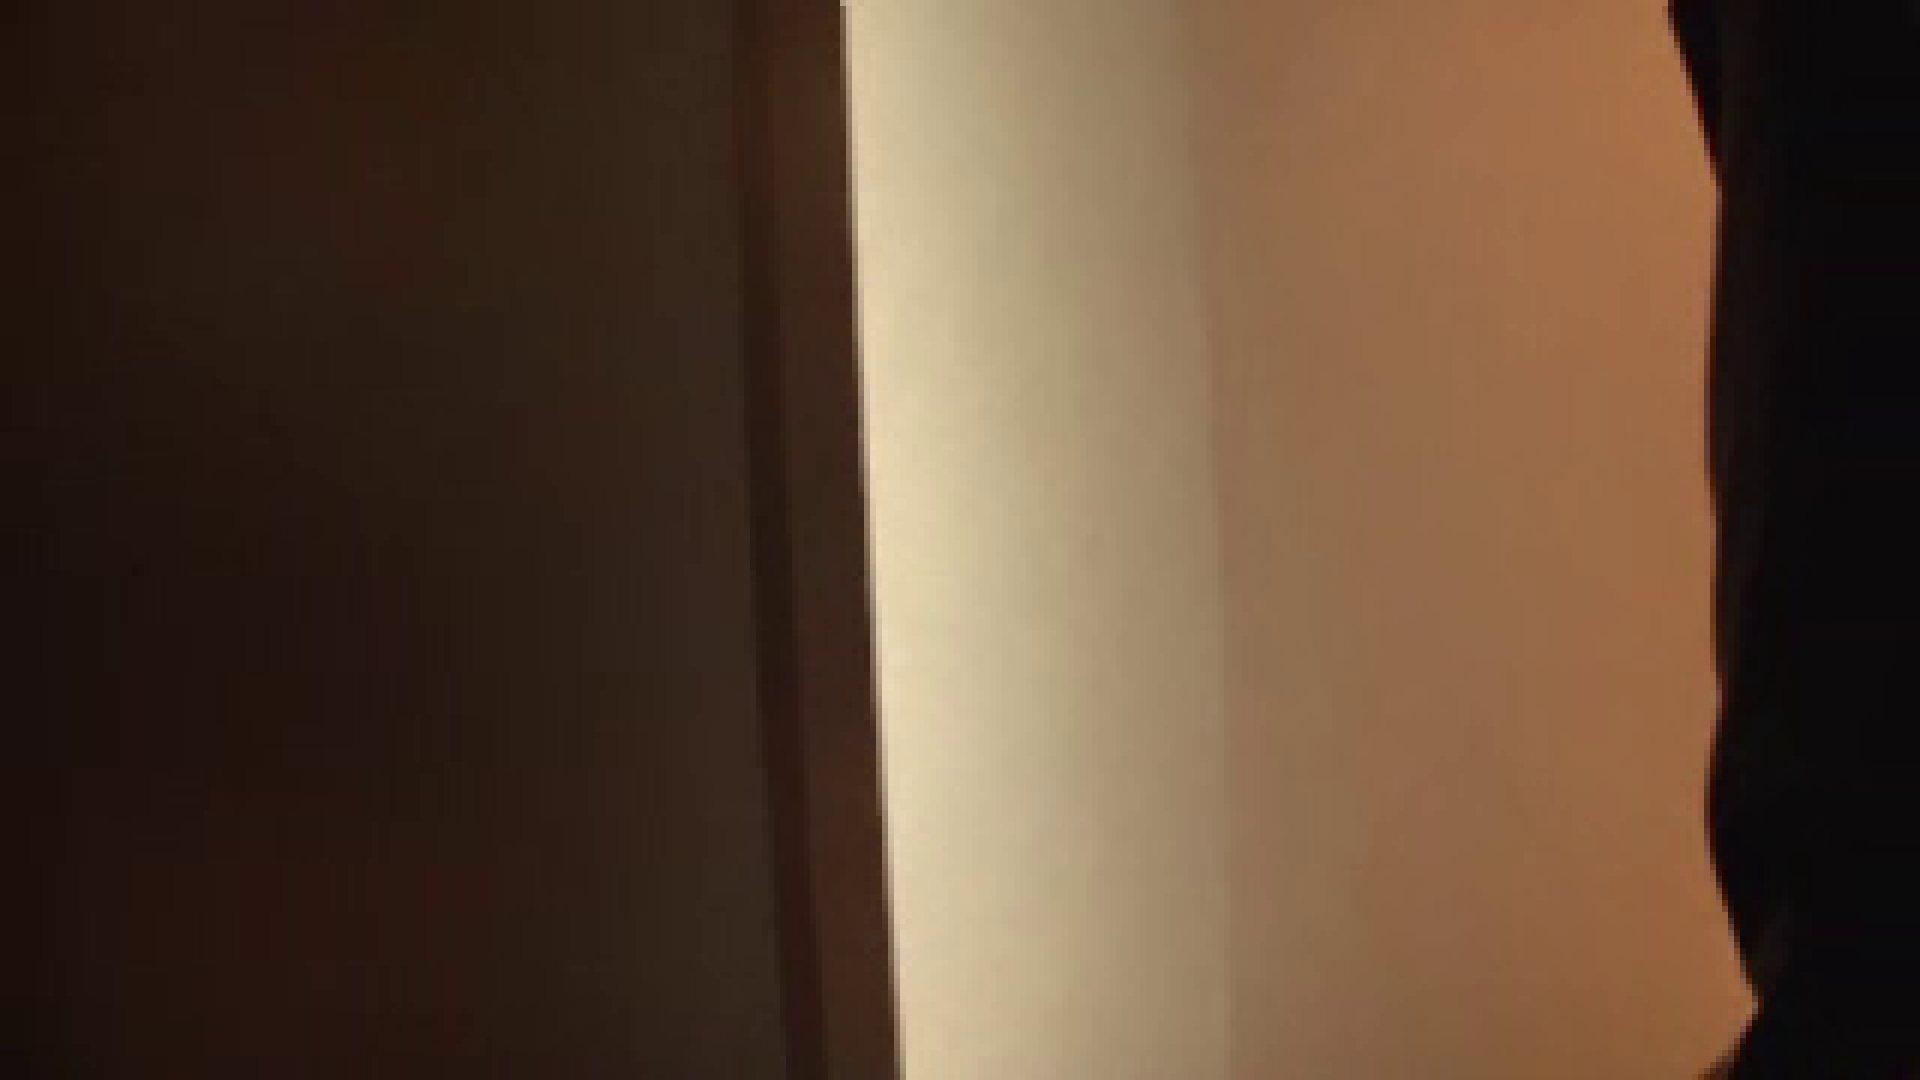 親友同士で競演 超美形のSEXパーティ Vol.05 エッチなOL おまんこ無修正動画無料 67pic 2